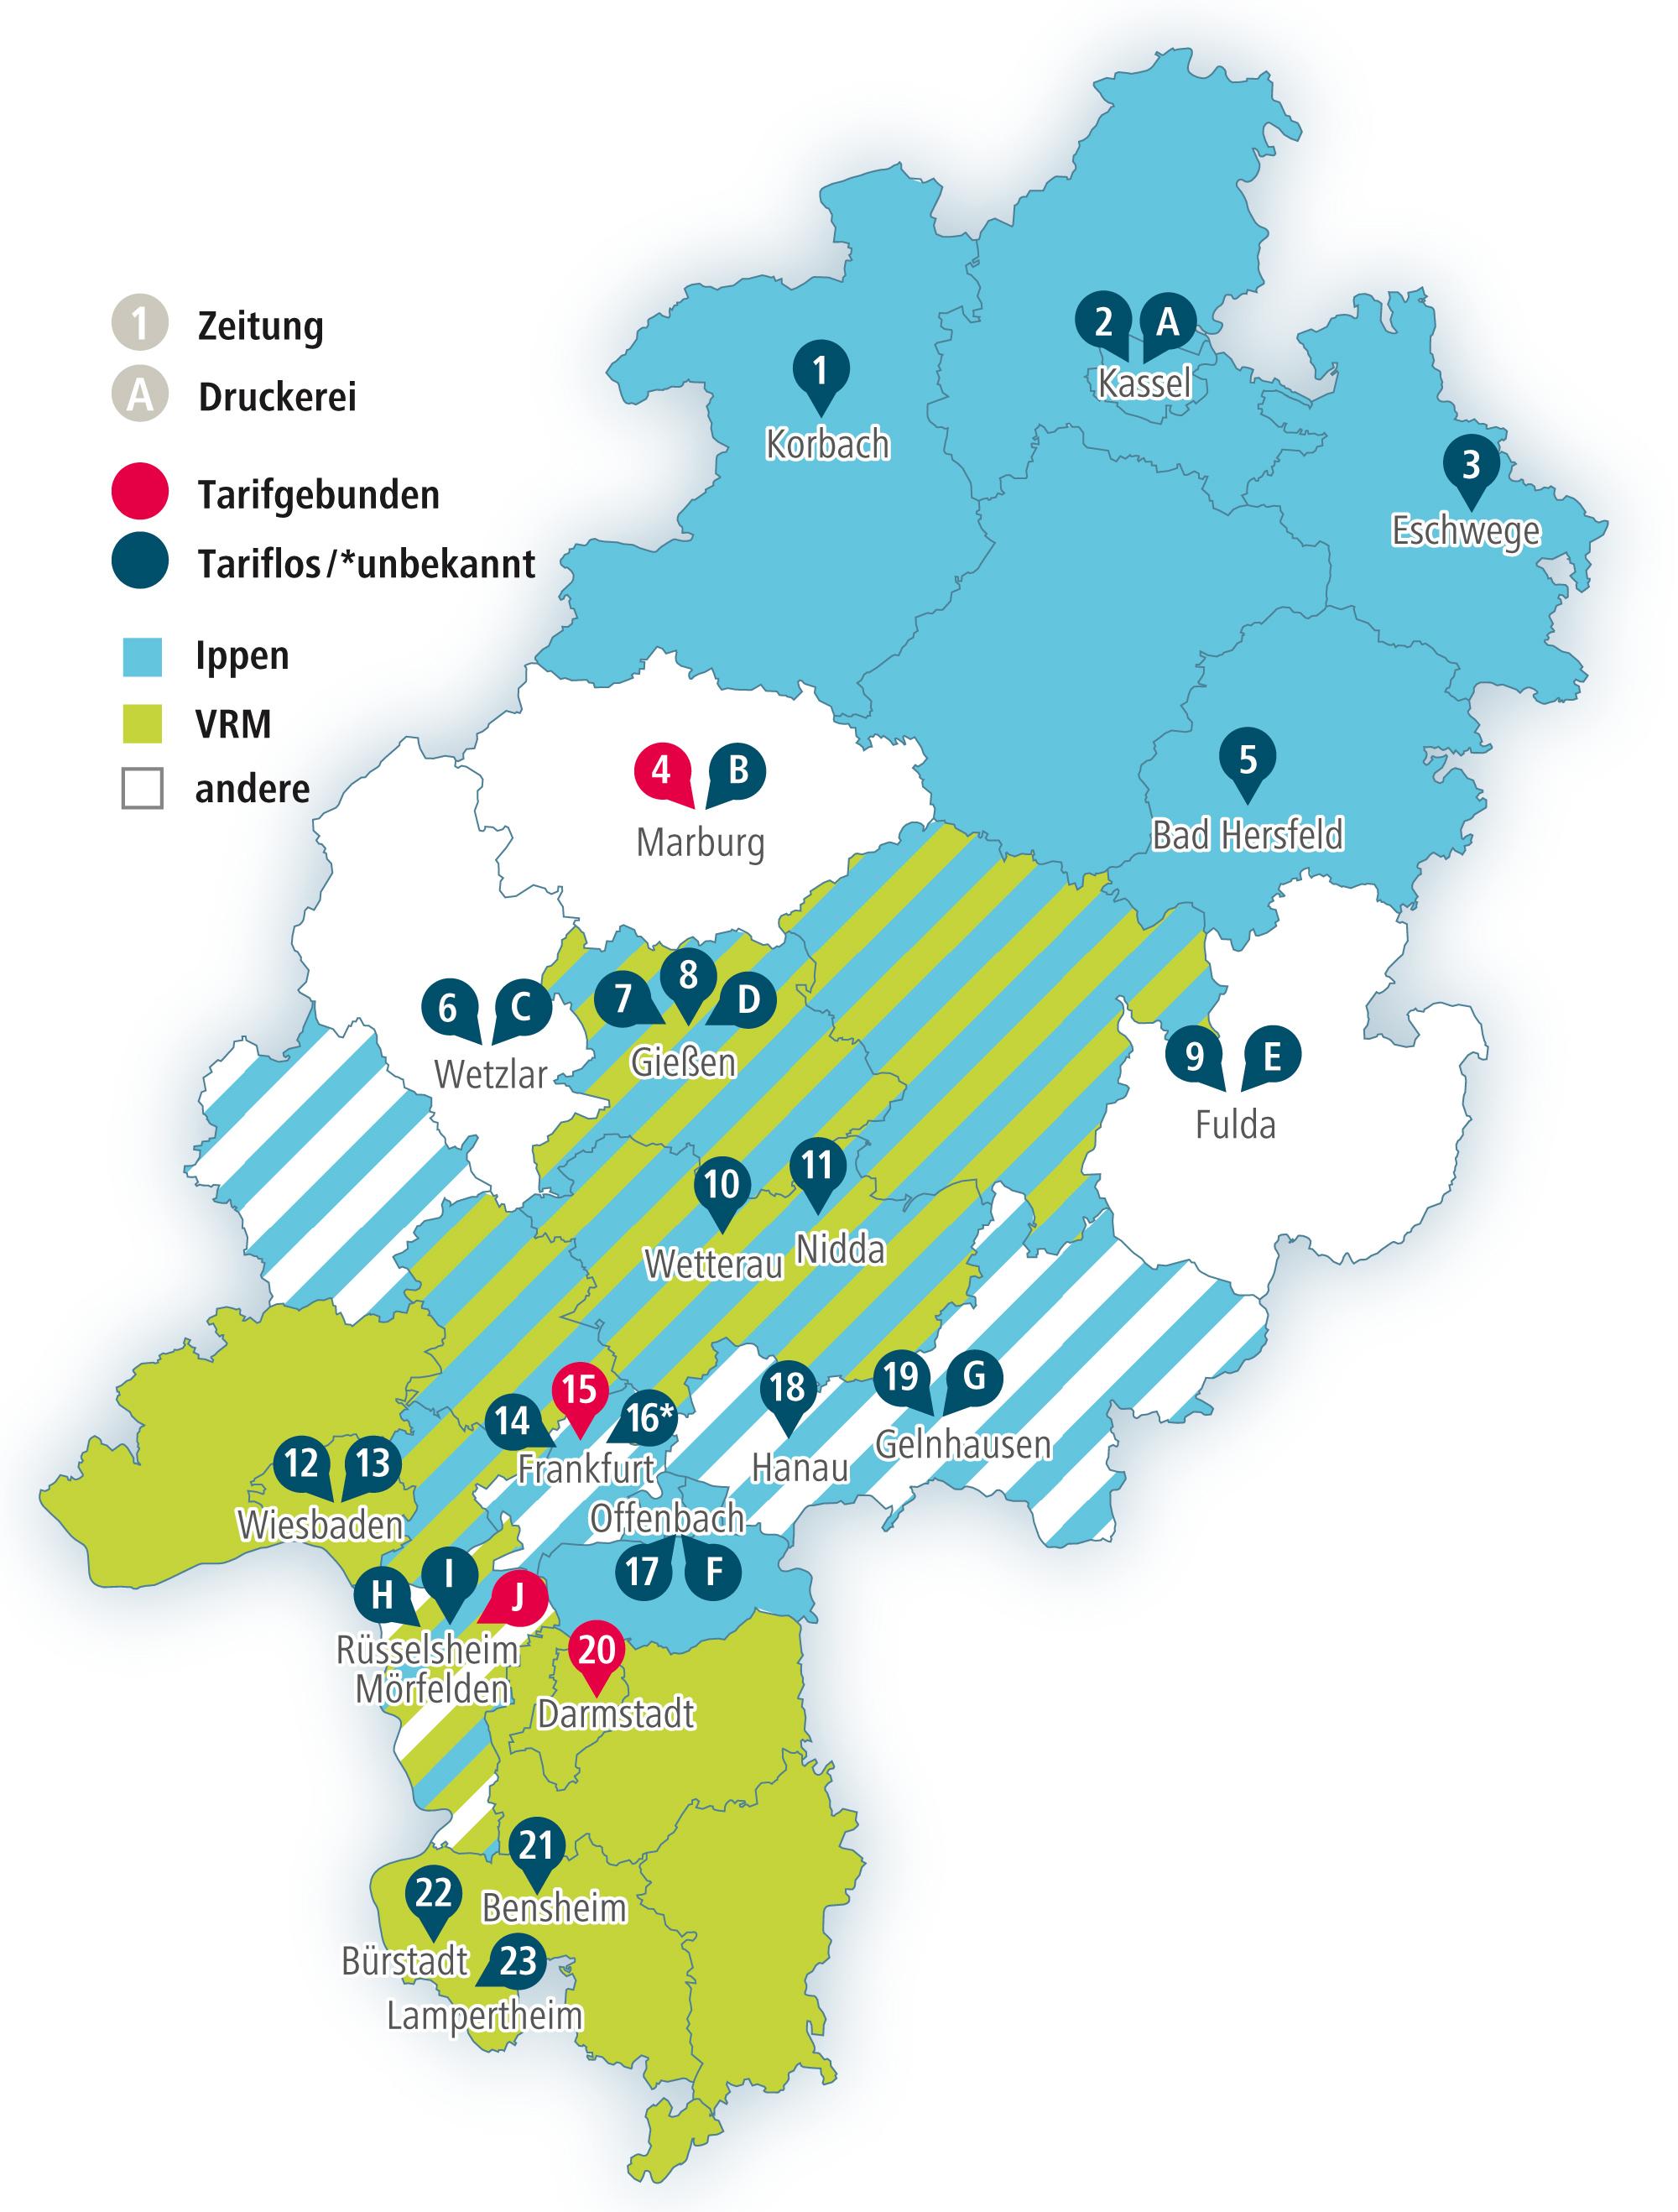 V08-18-012-Karte-Hessen-Ippen